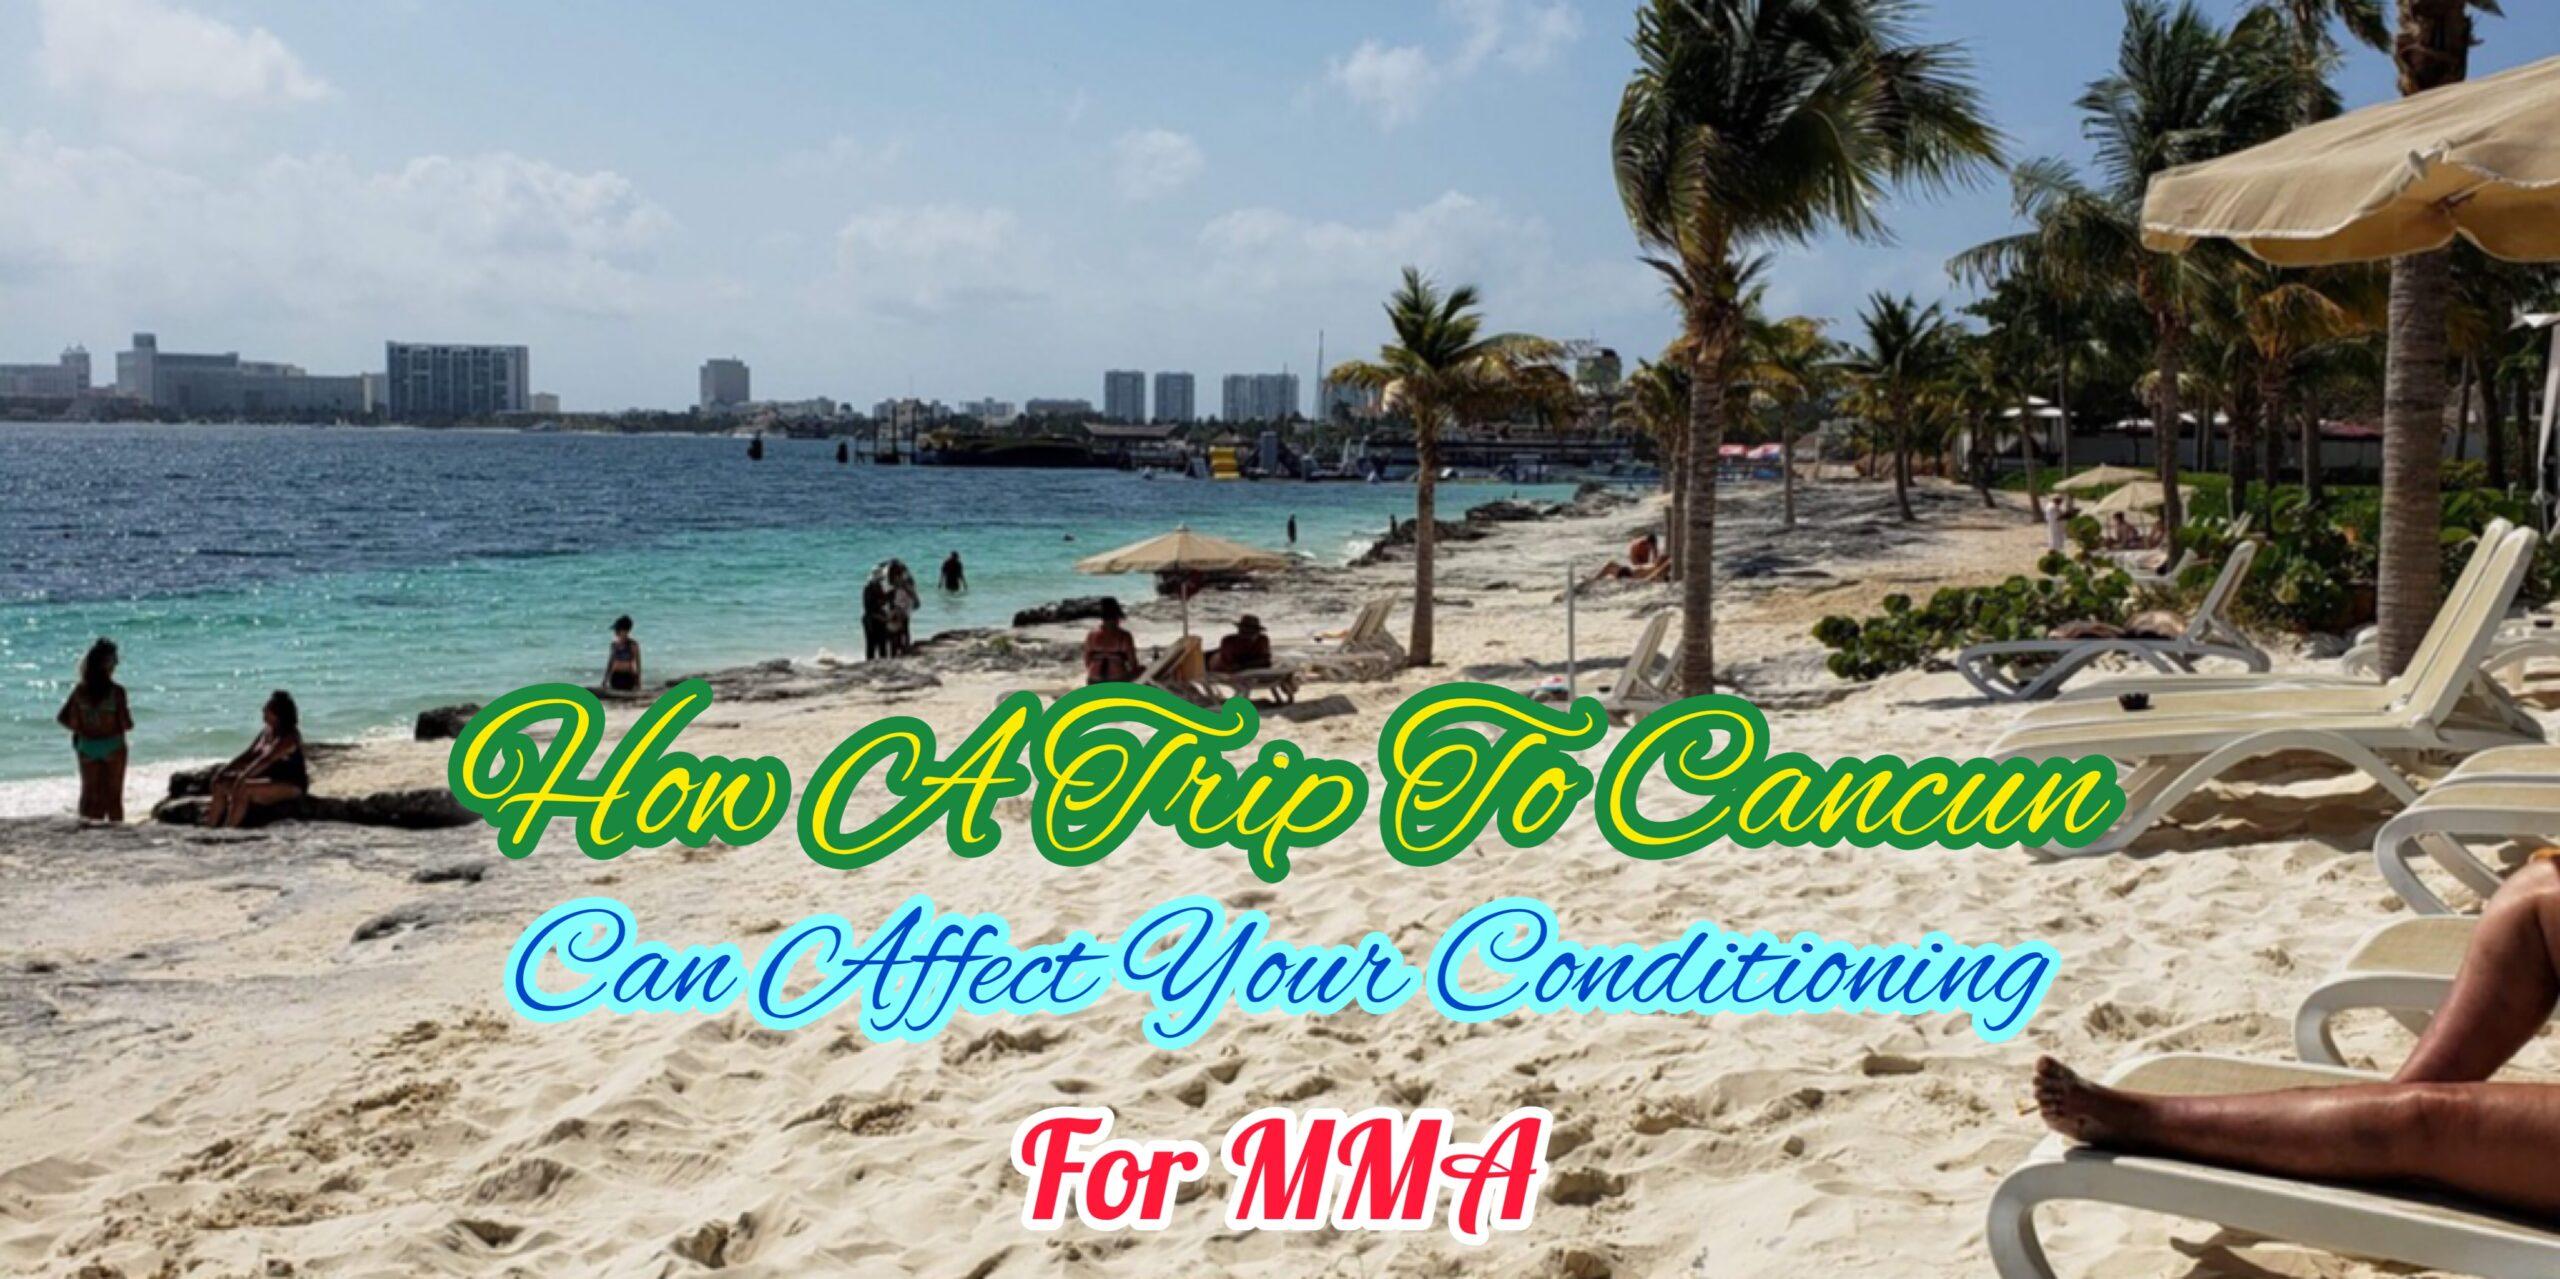 Cancun Trip Affects